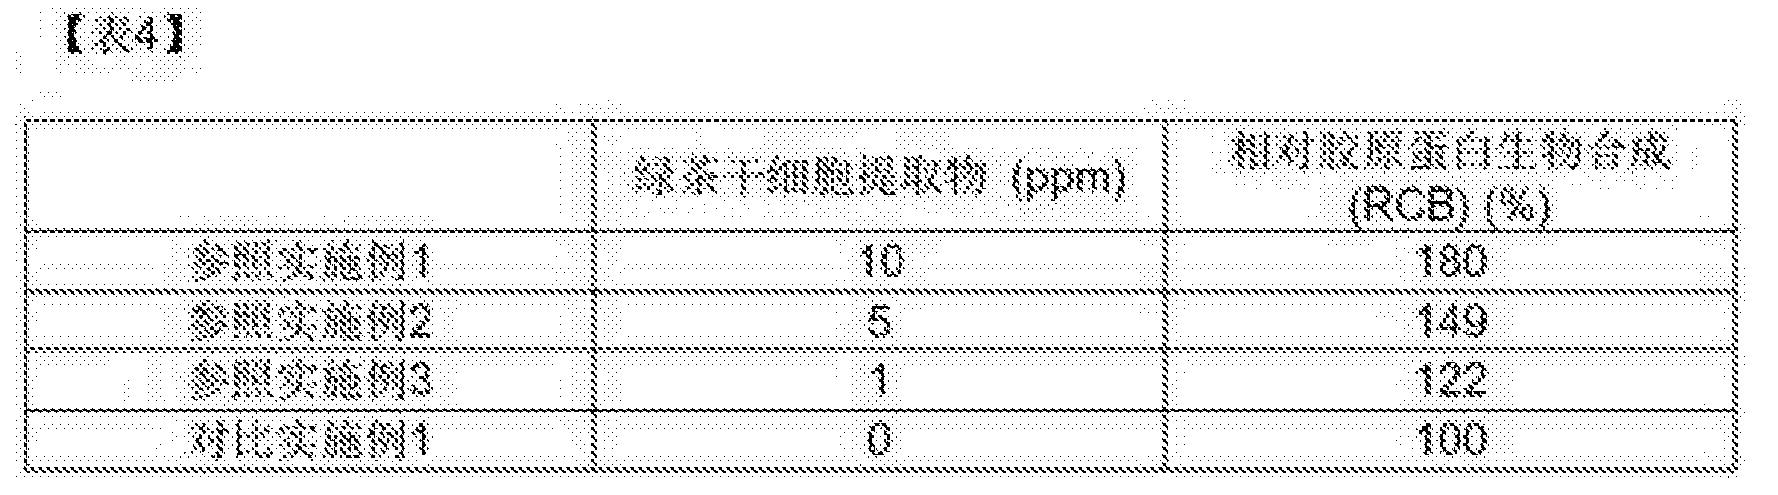 Figure CN103889397BD00101